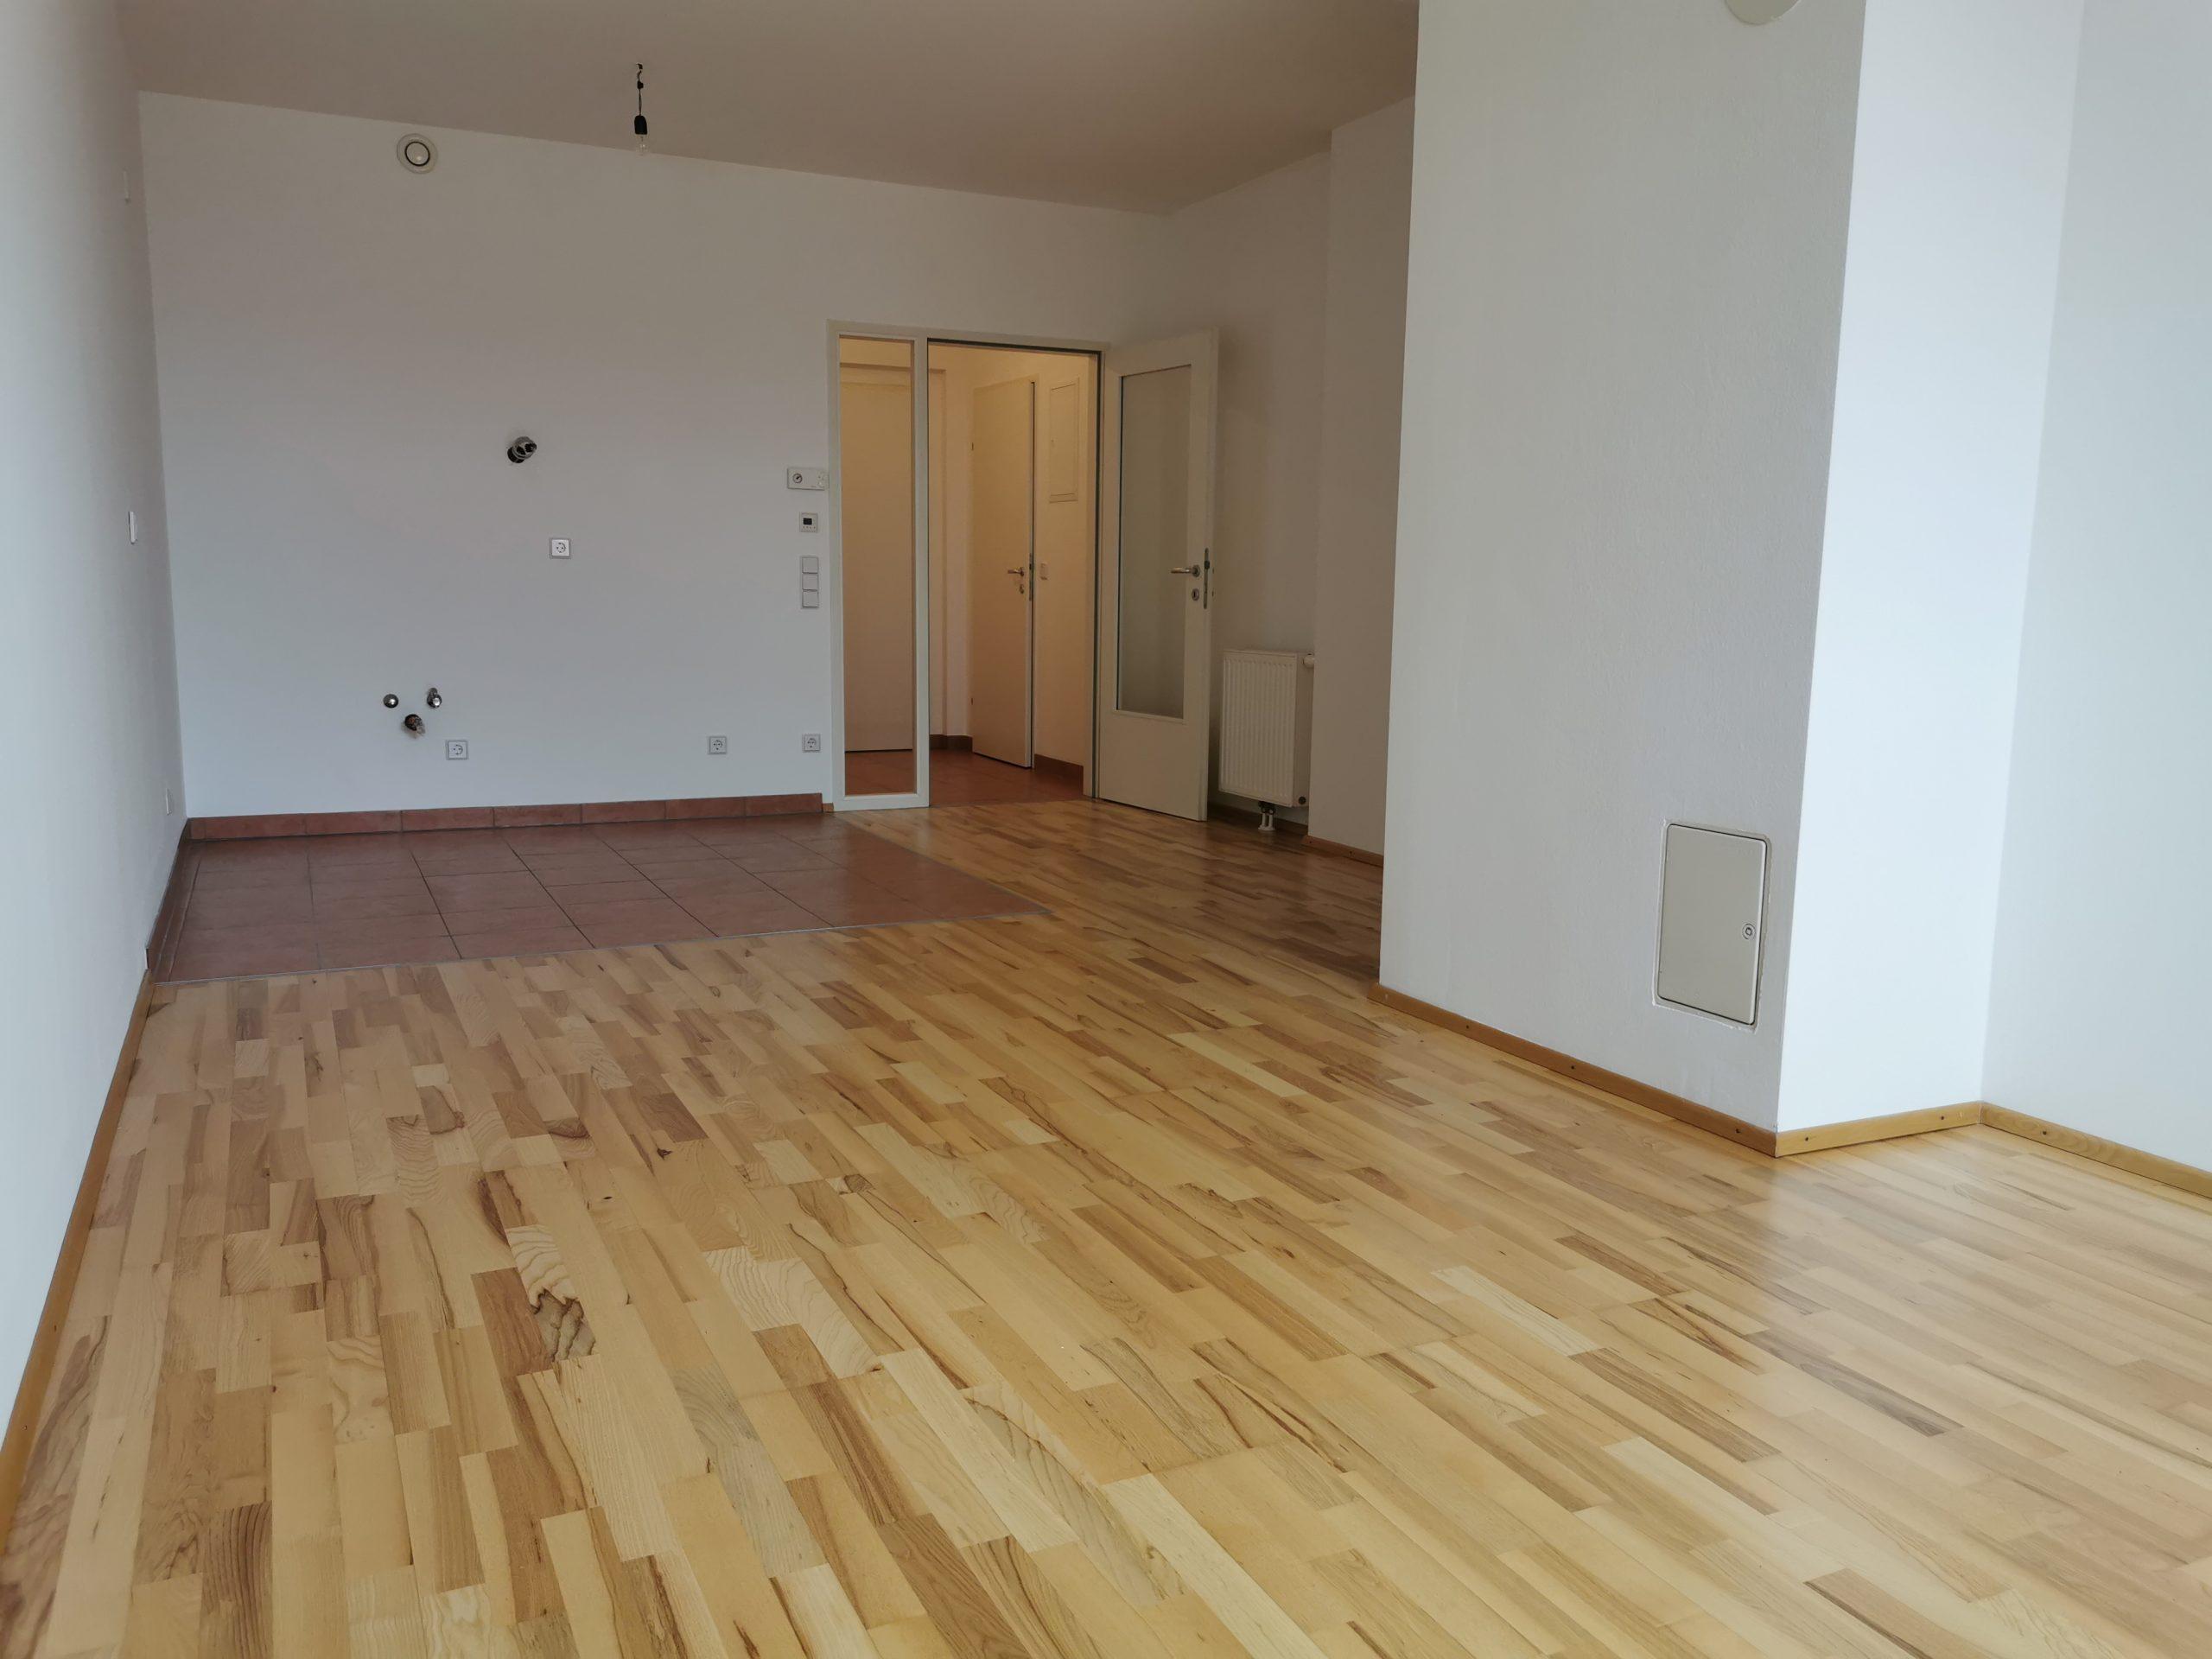 Immobilie von Kamptal in 2136 Laa an der Thaya, Mistelbach, Laa/ Thaya VII - Top 18 - Stadtplatz Nr. 61 #1